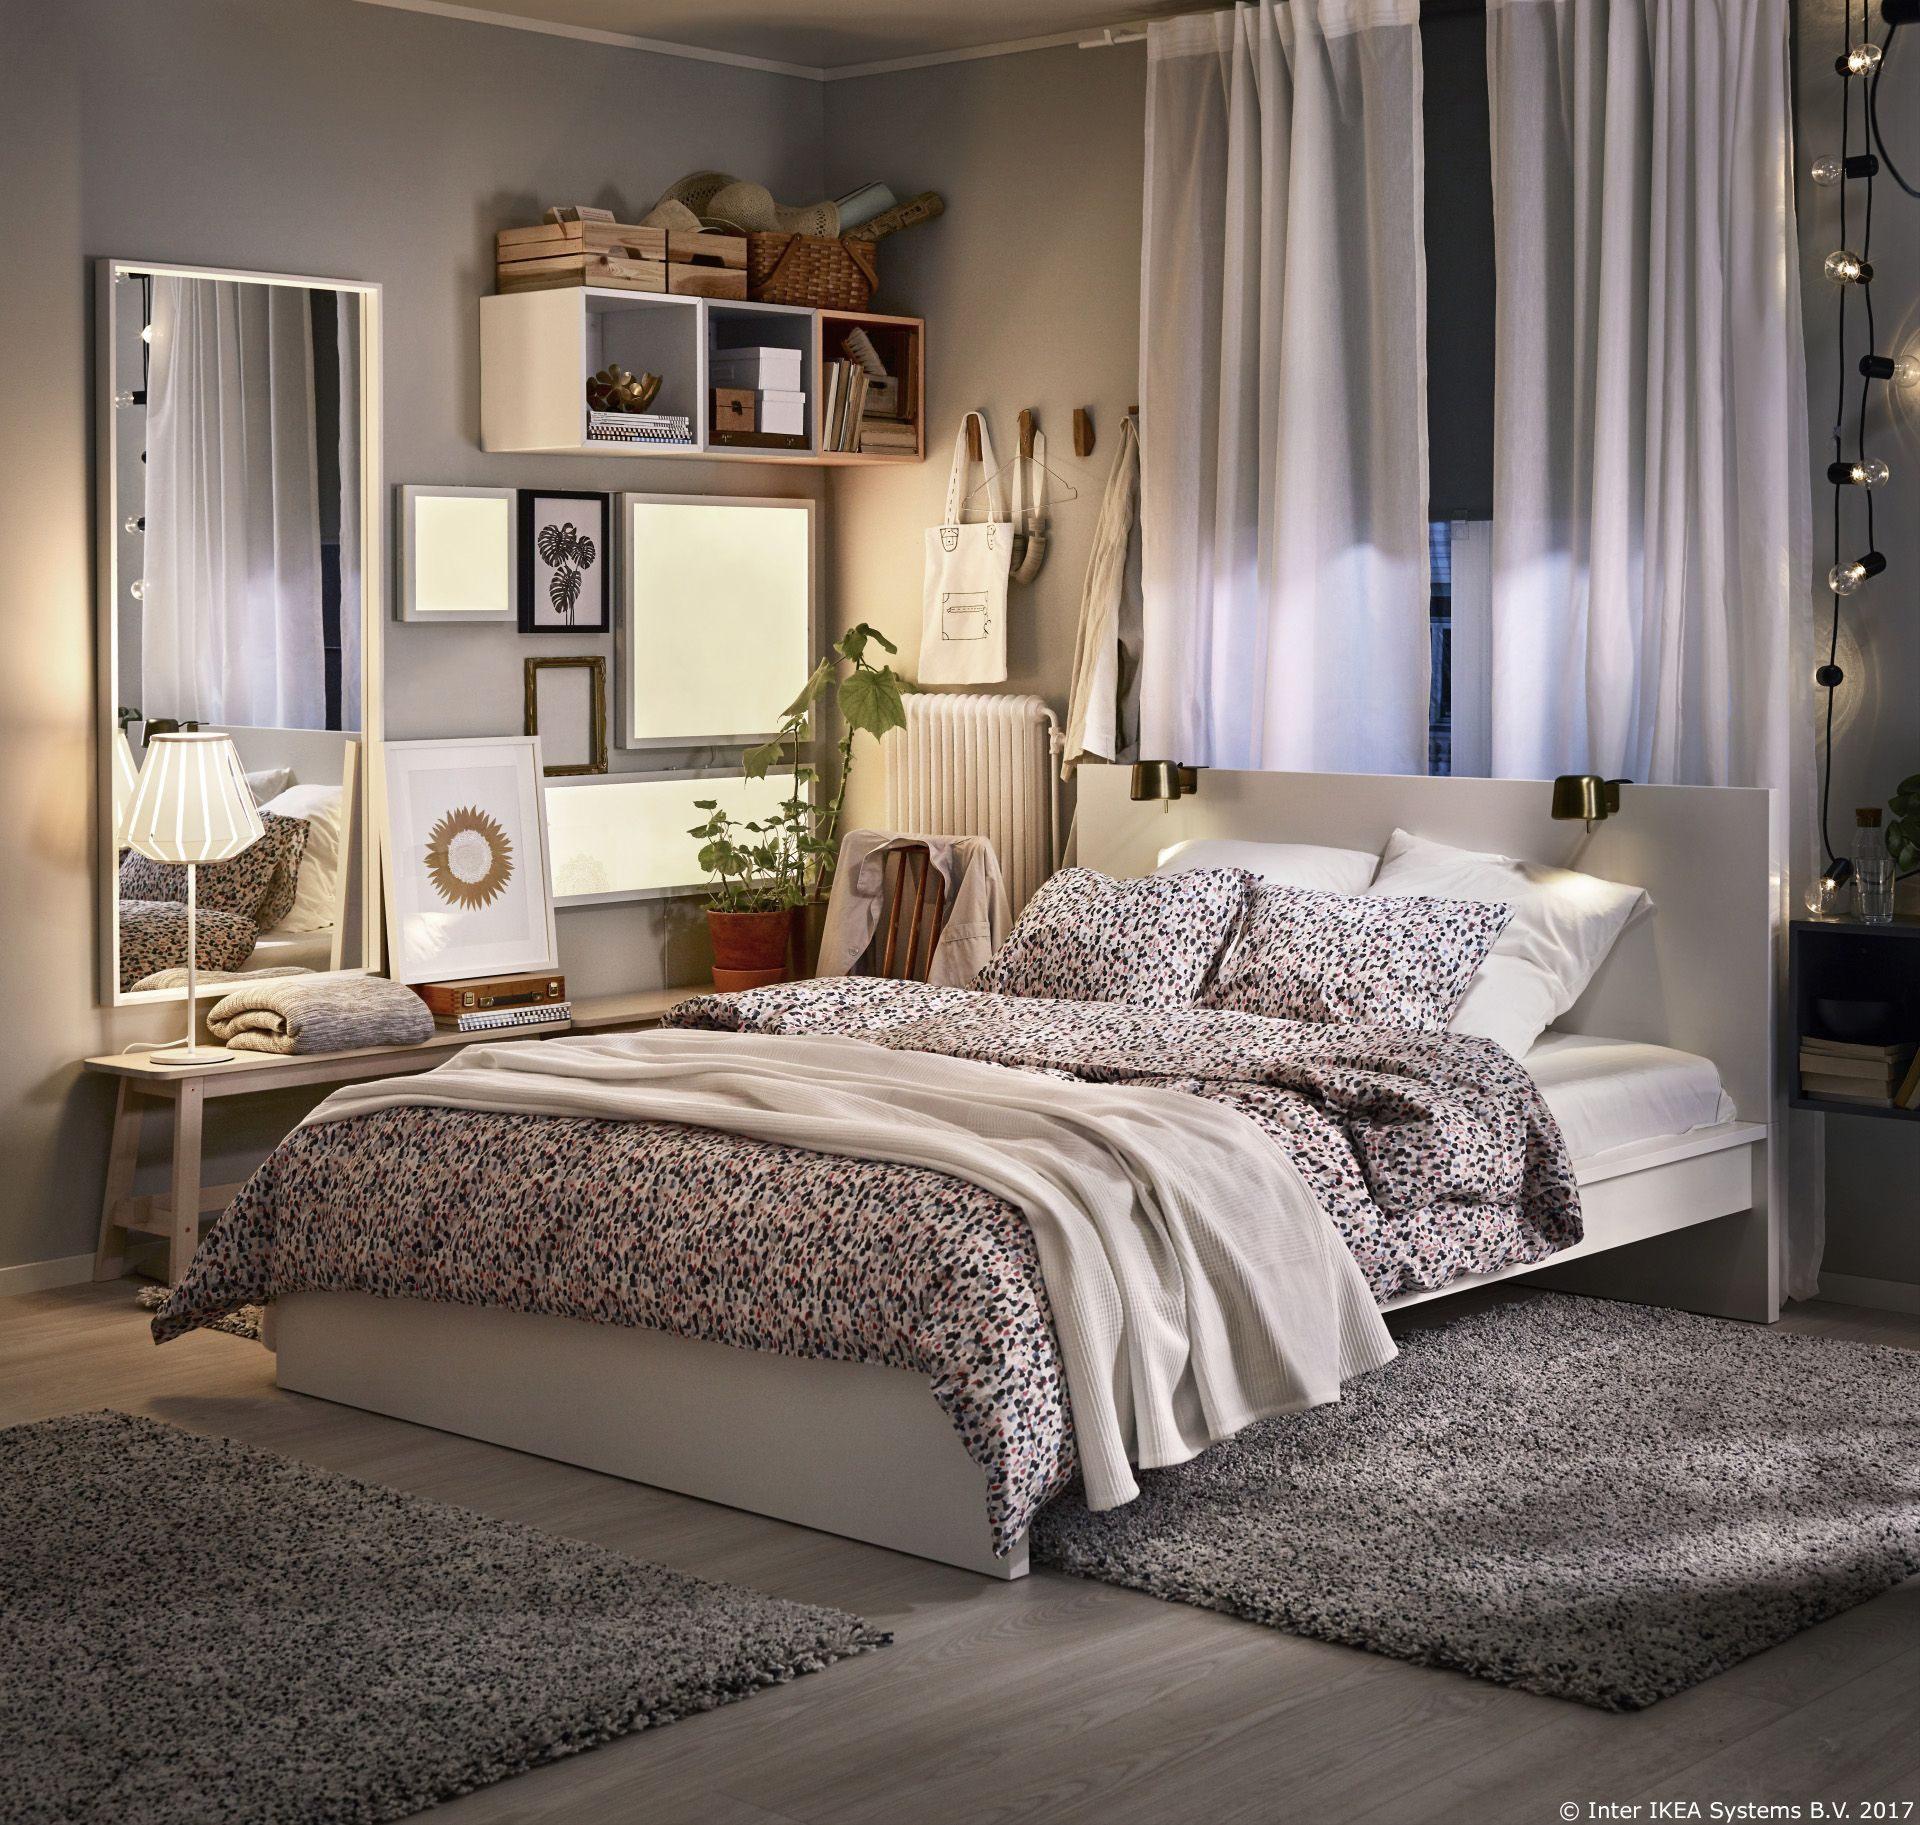 Lit King Size 200×200 Ikea Charmant Sm…starr Navlaka I 2 Jastučnice točkasto ViÅ¡ebojno In 2019